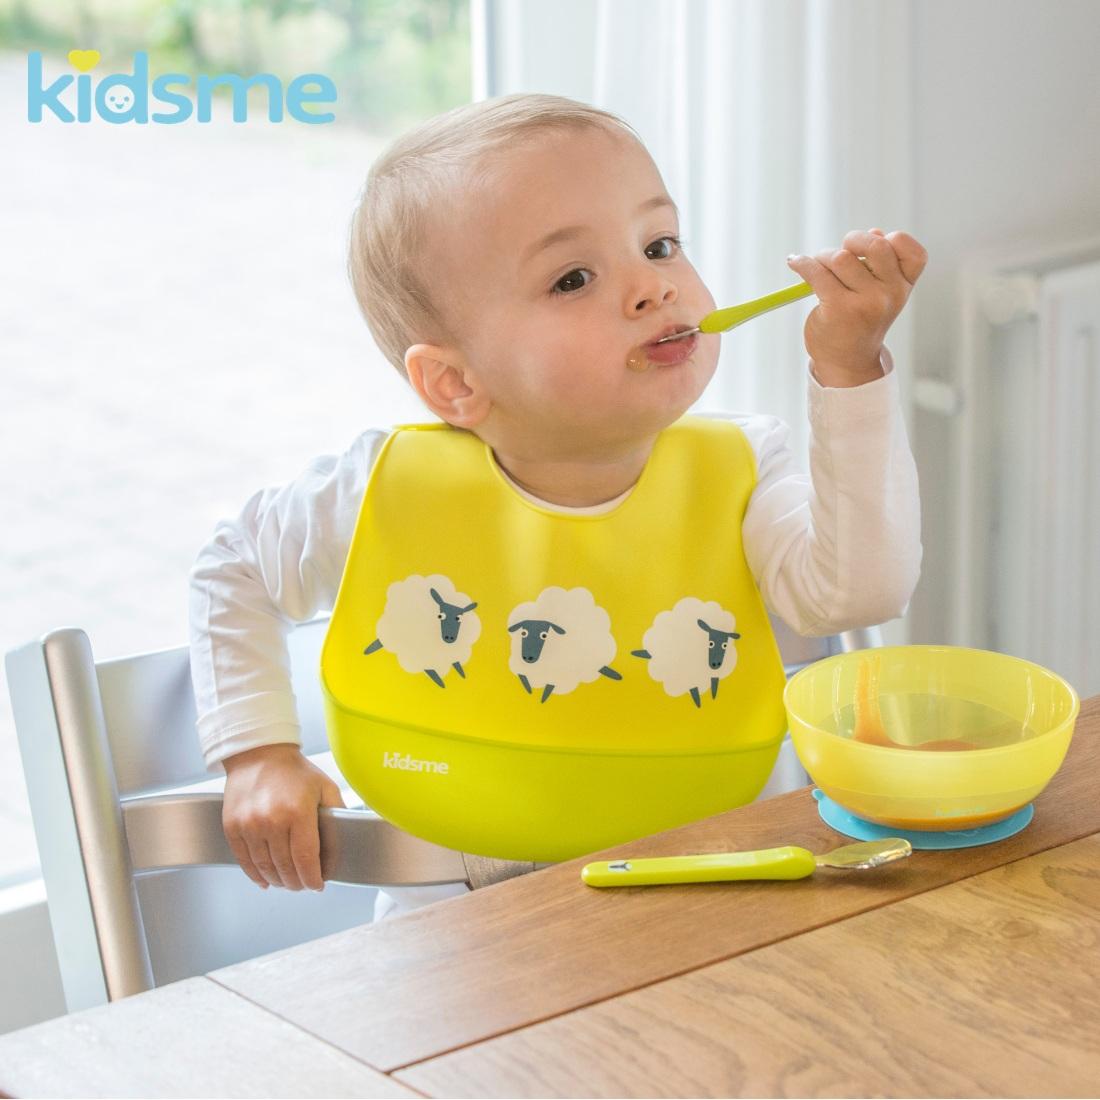 Yếm ăn silicone kidsme - Màu Chanh